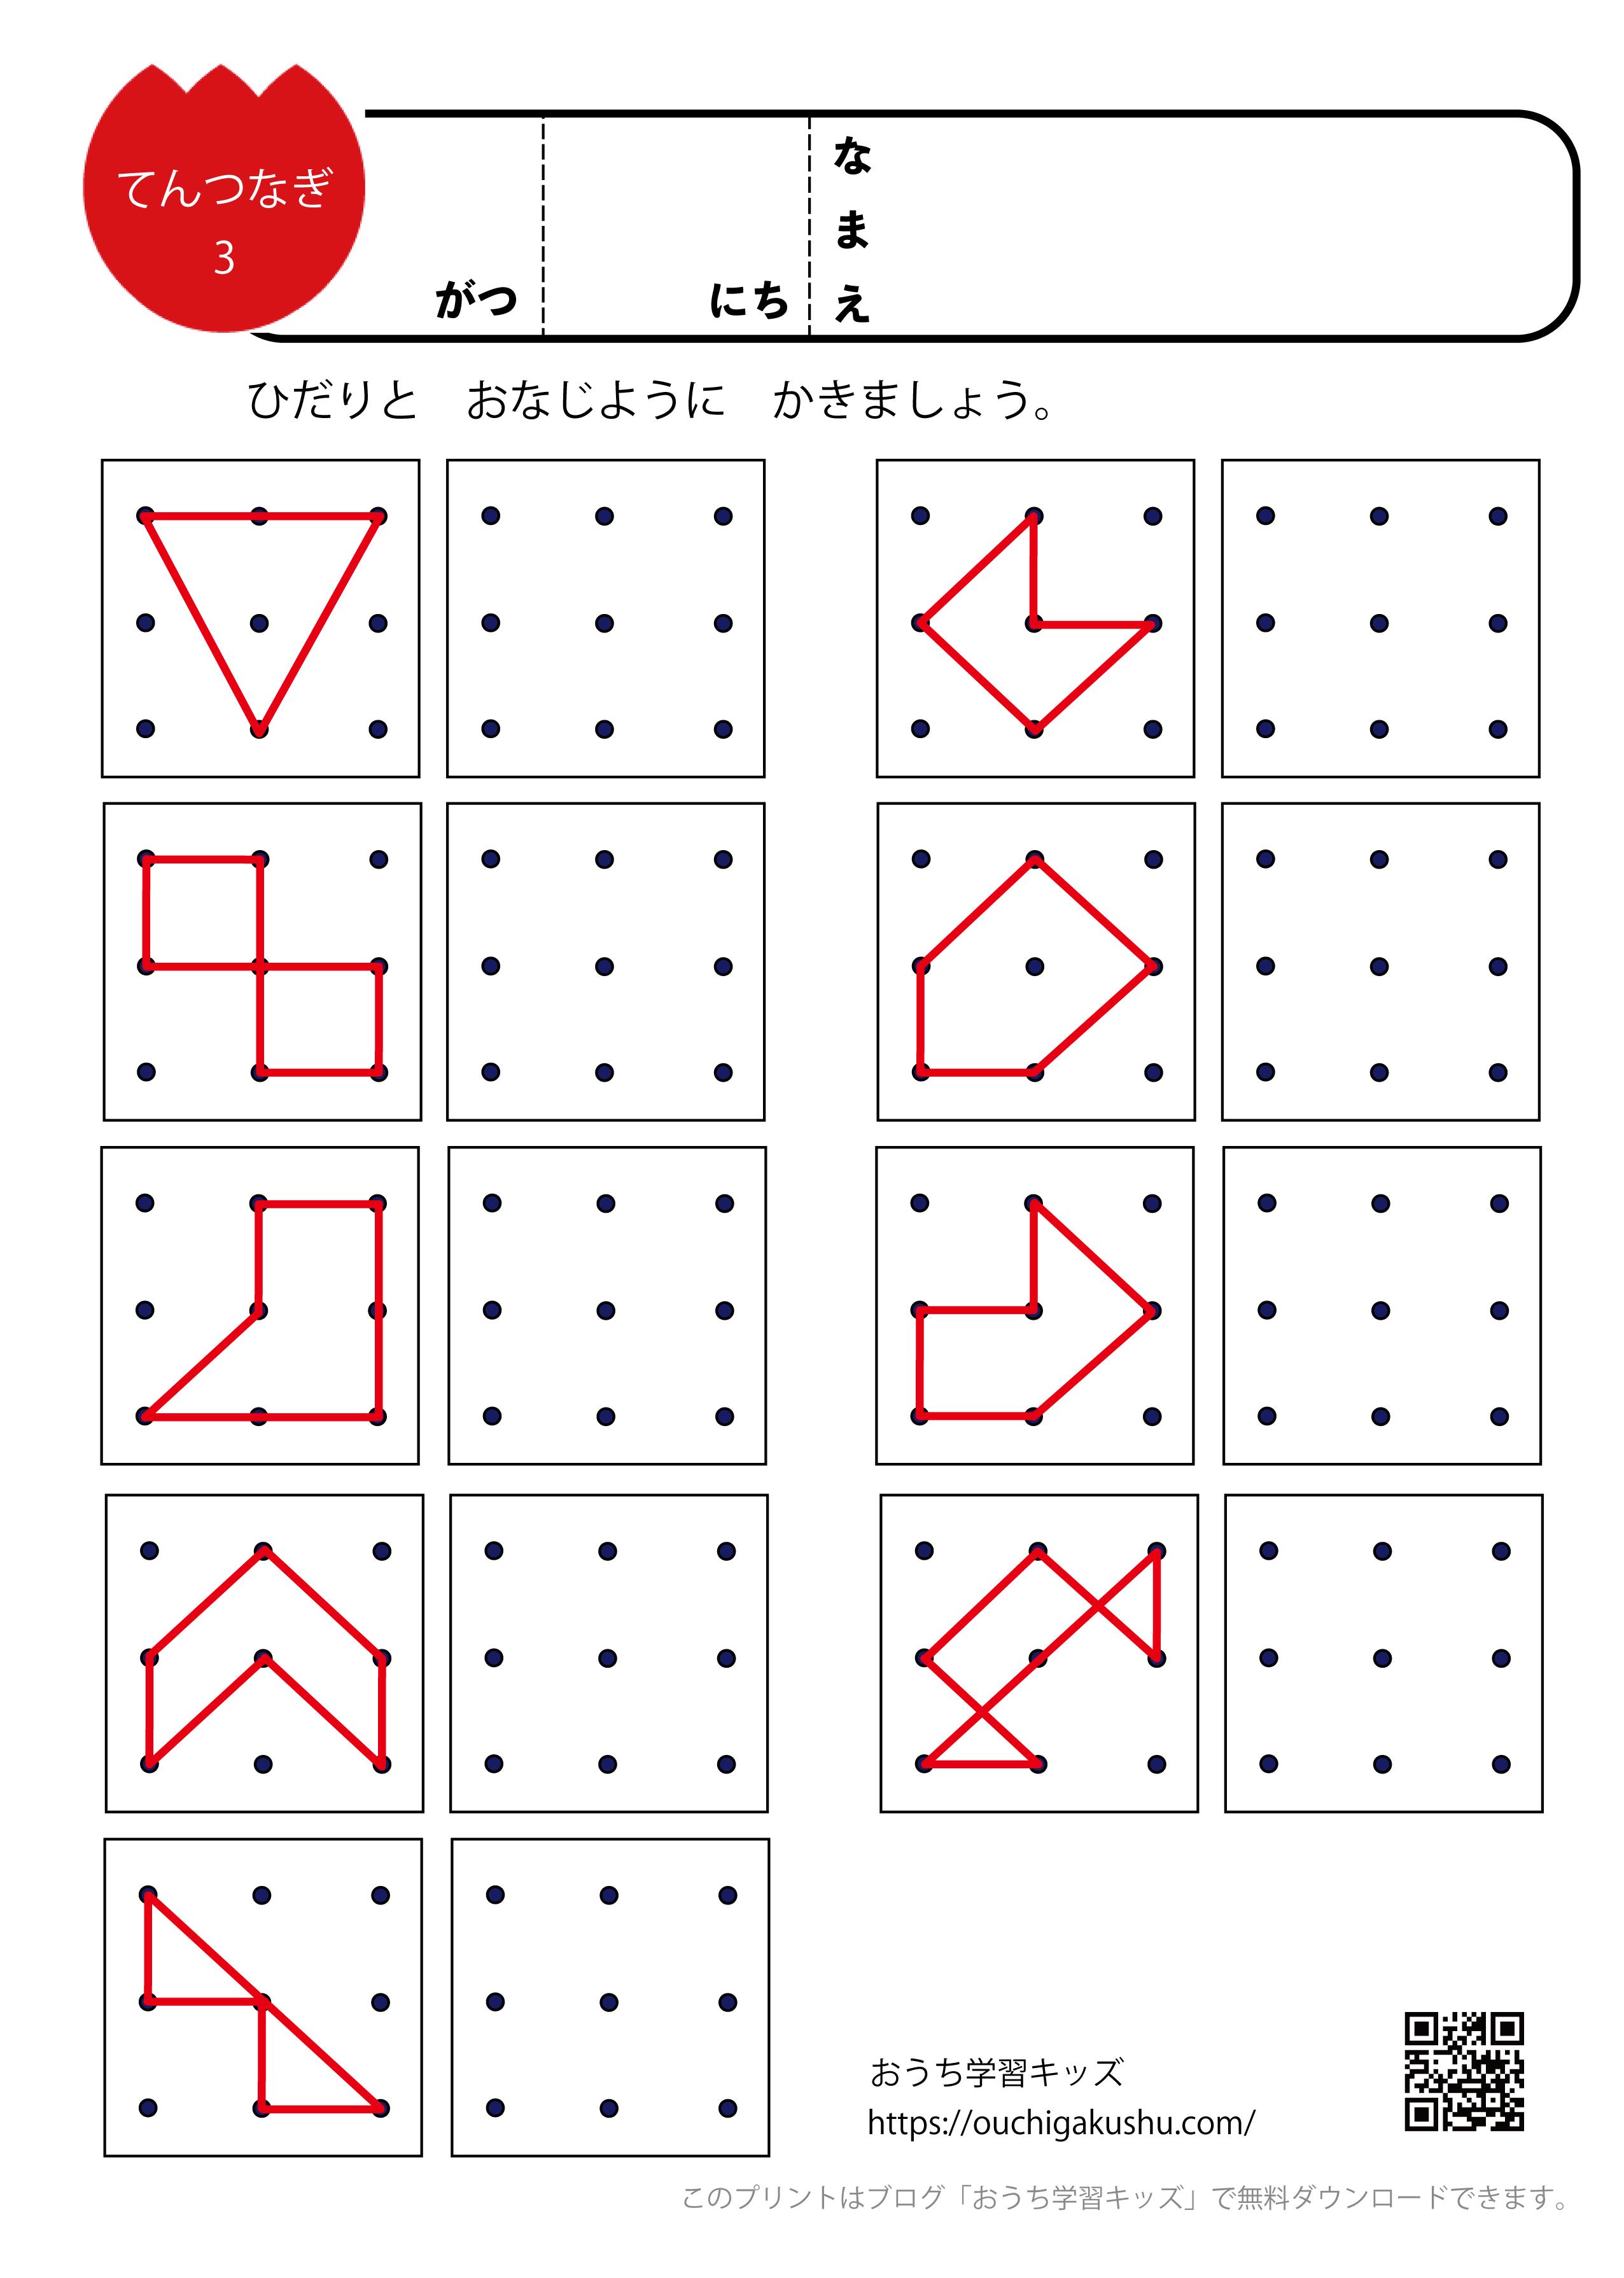 点つなぎ3 運筆・点描写の練習